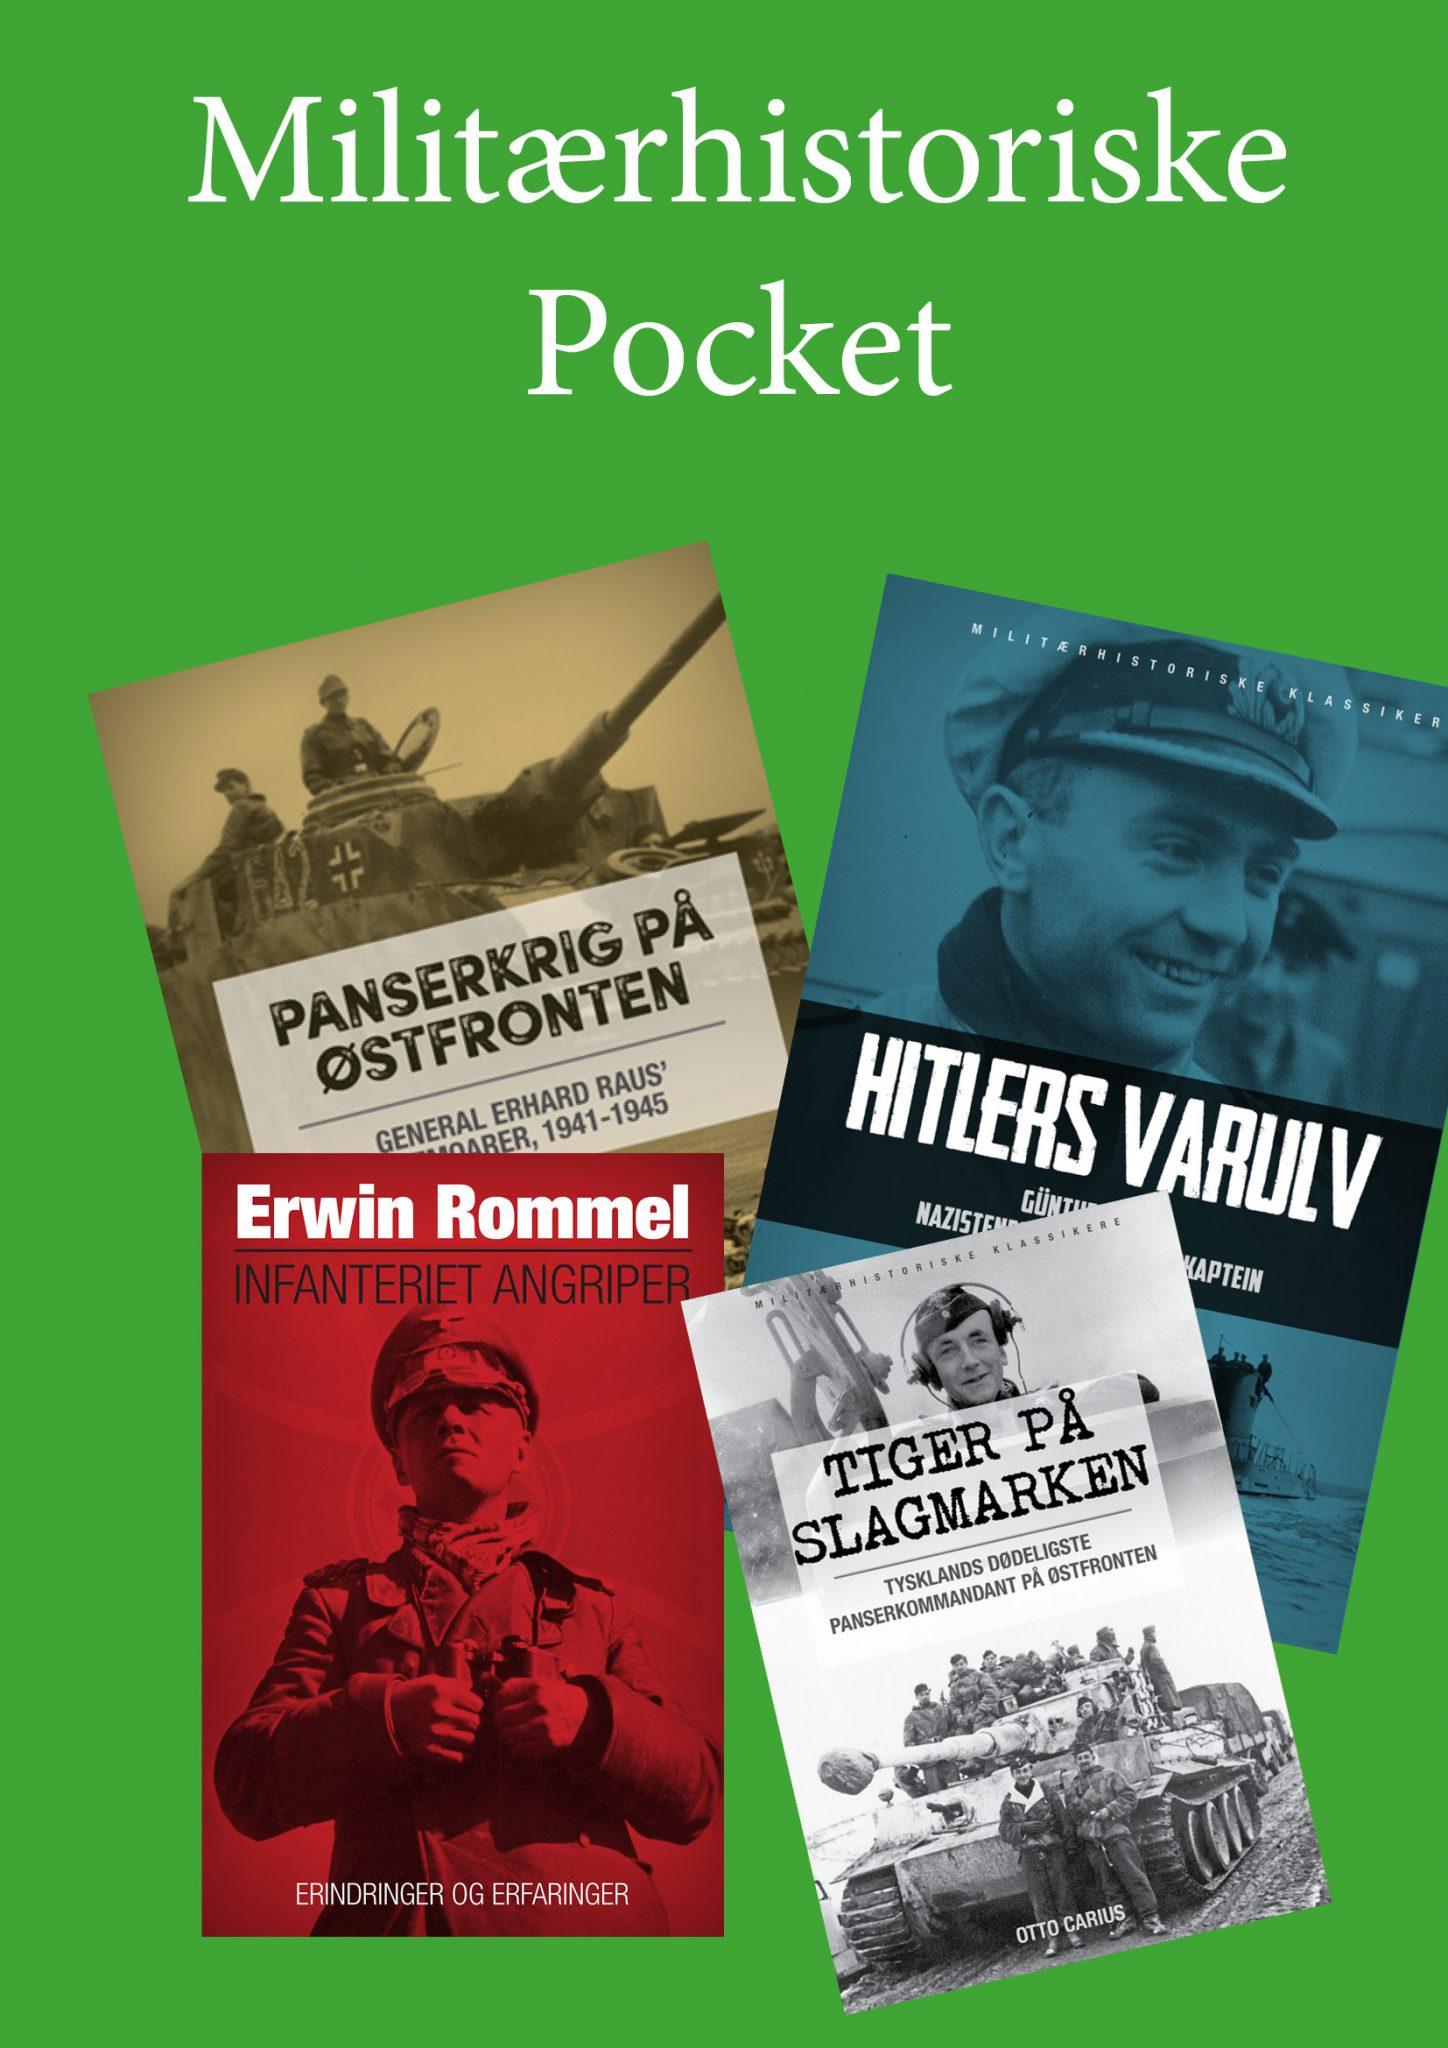 Militærhistorisk Pocketbøker